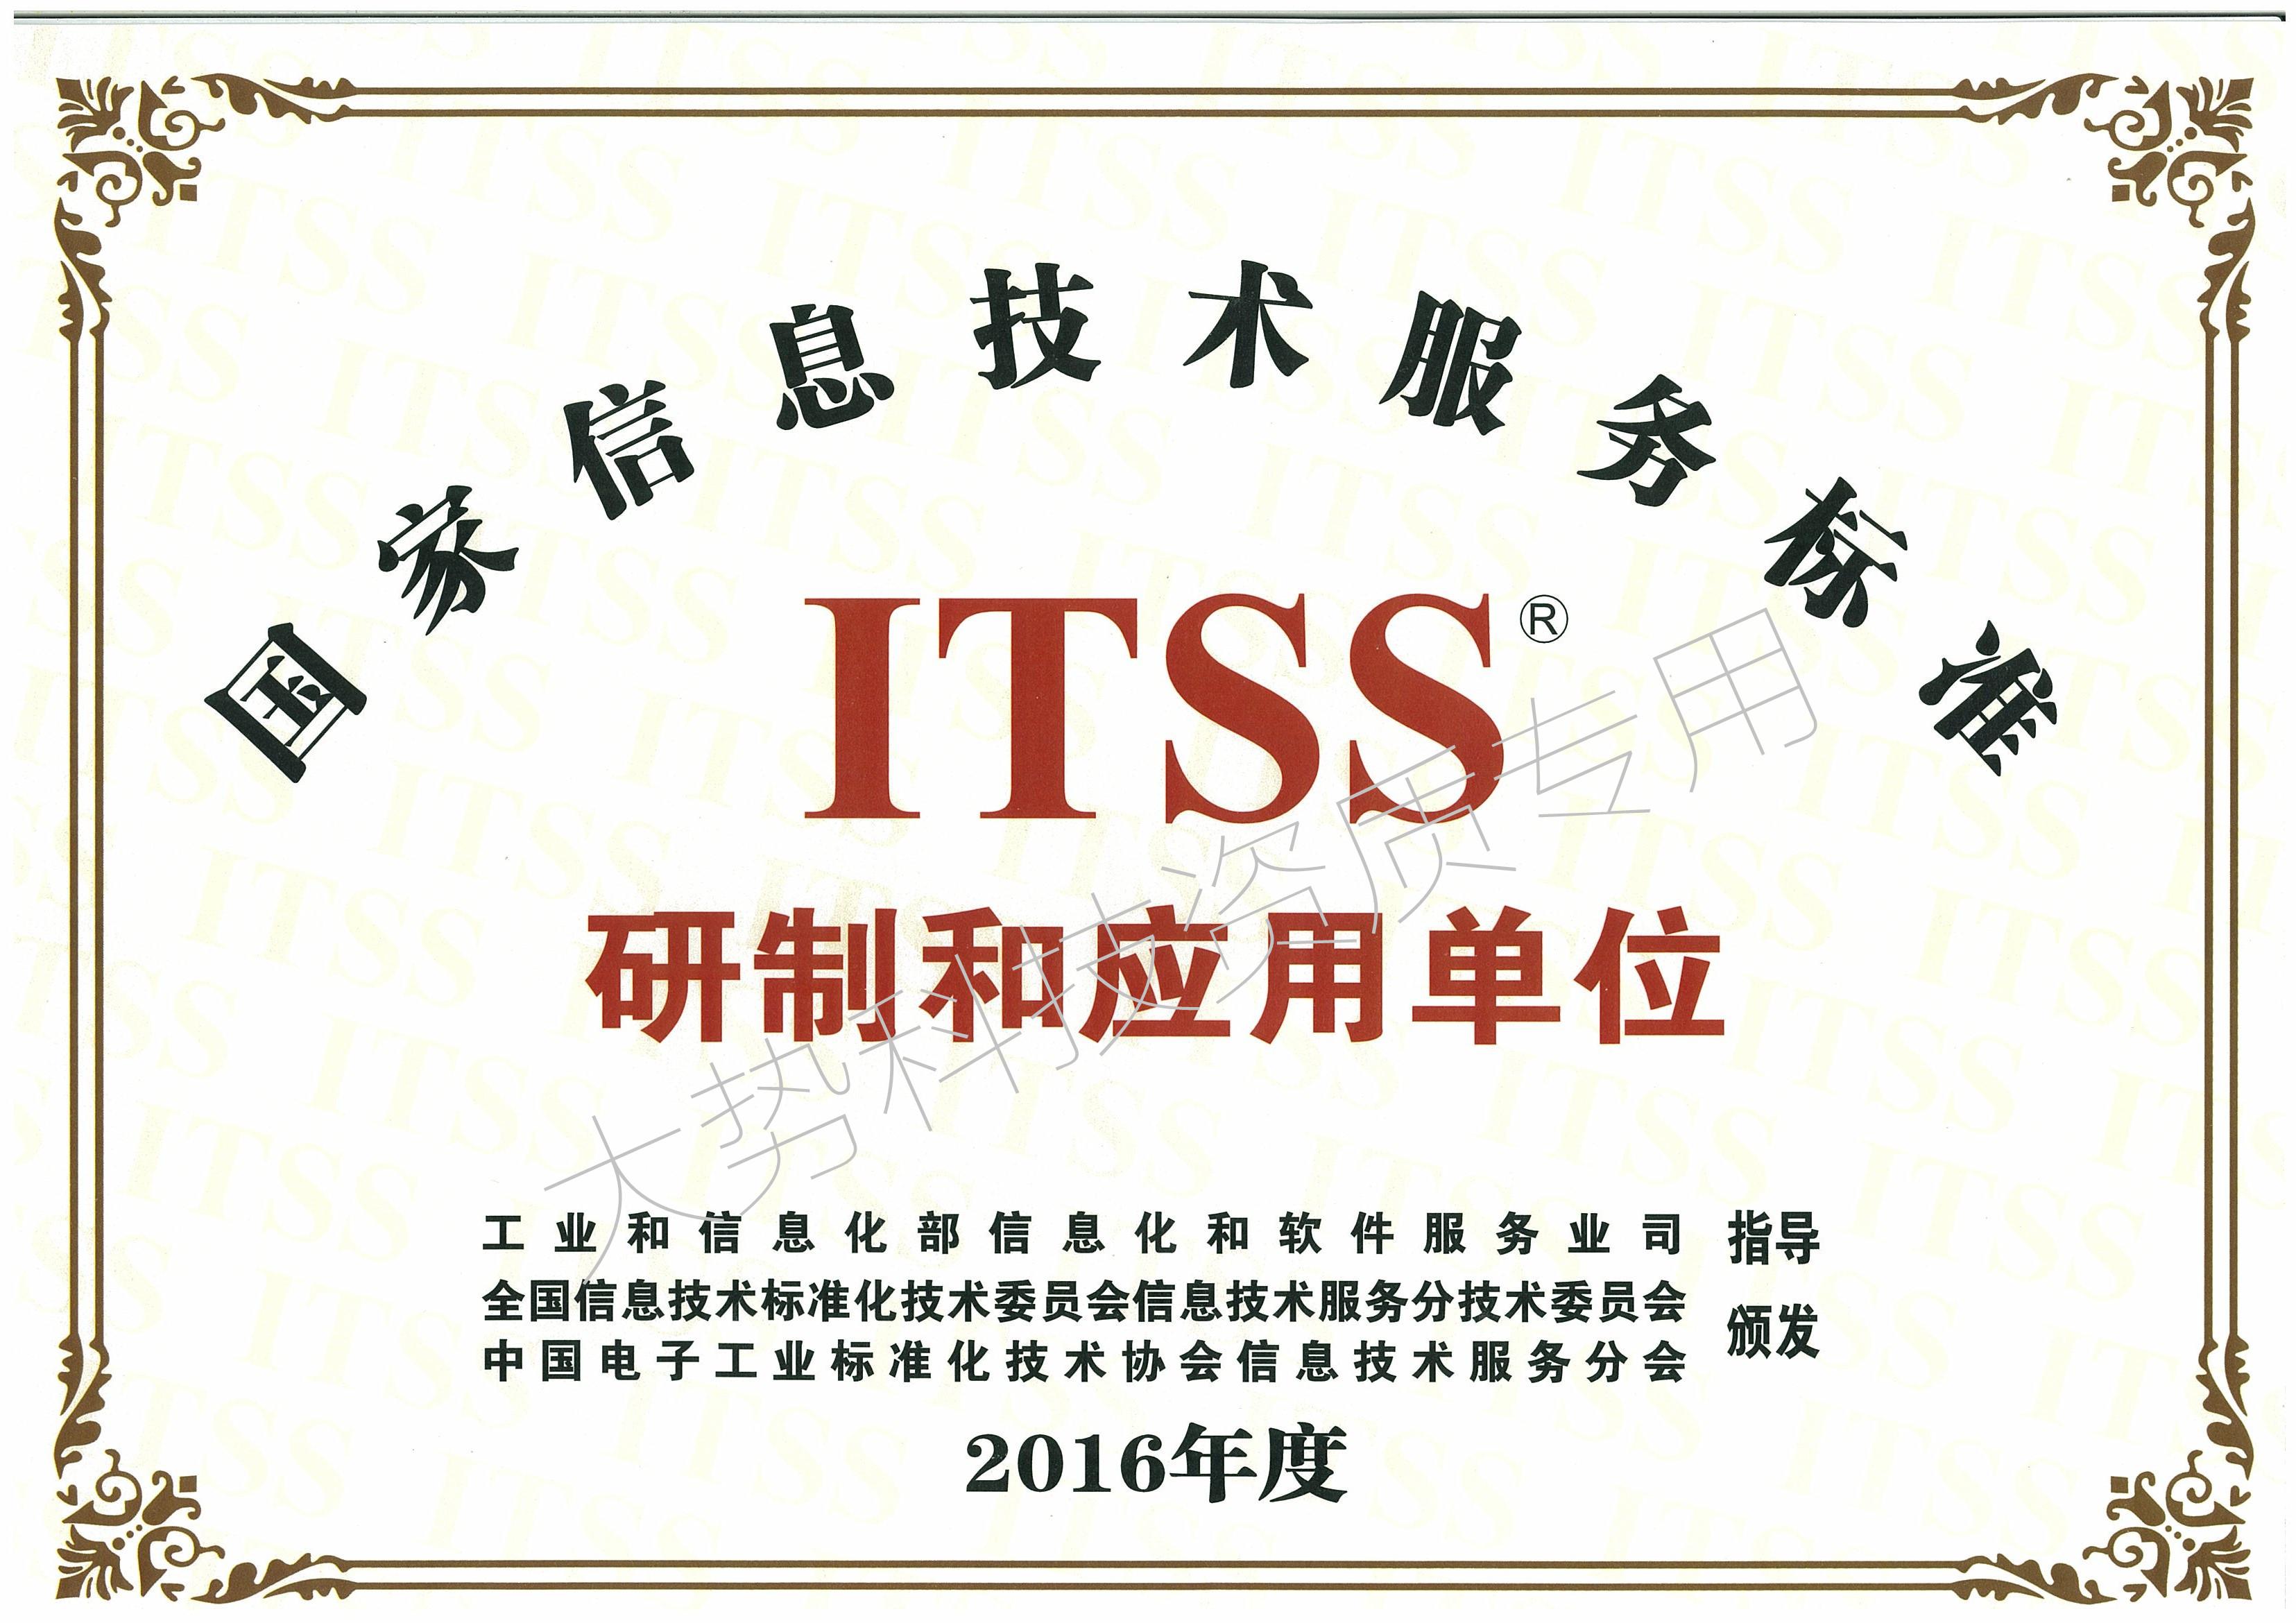 新建文件夹-GS-A-ZZ-20160817-1ITSS研制和应用单位